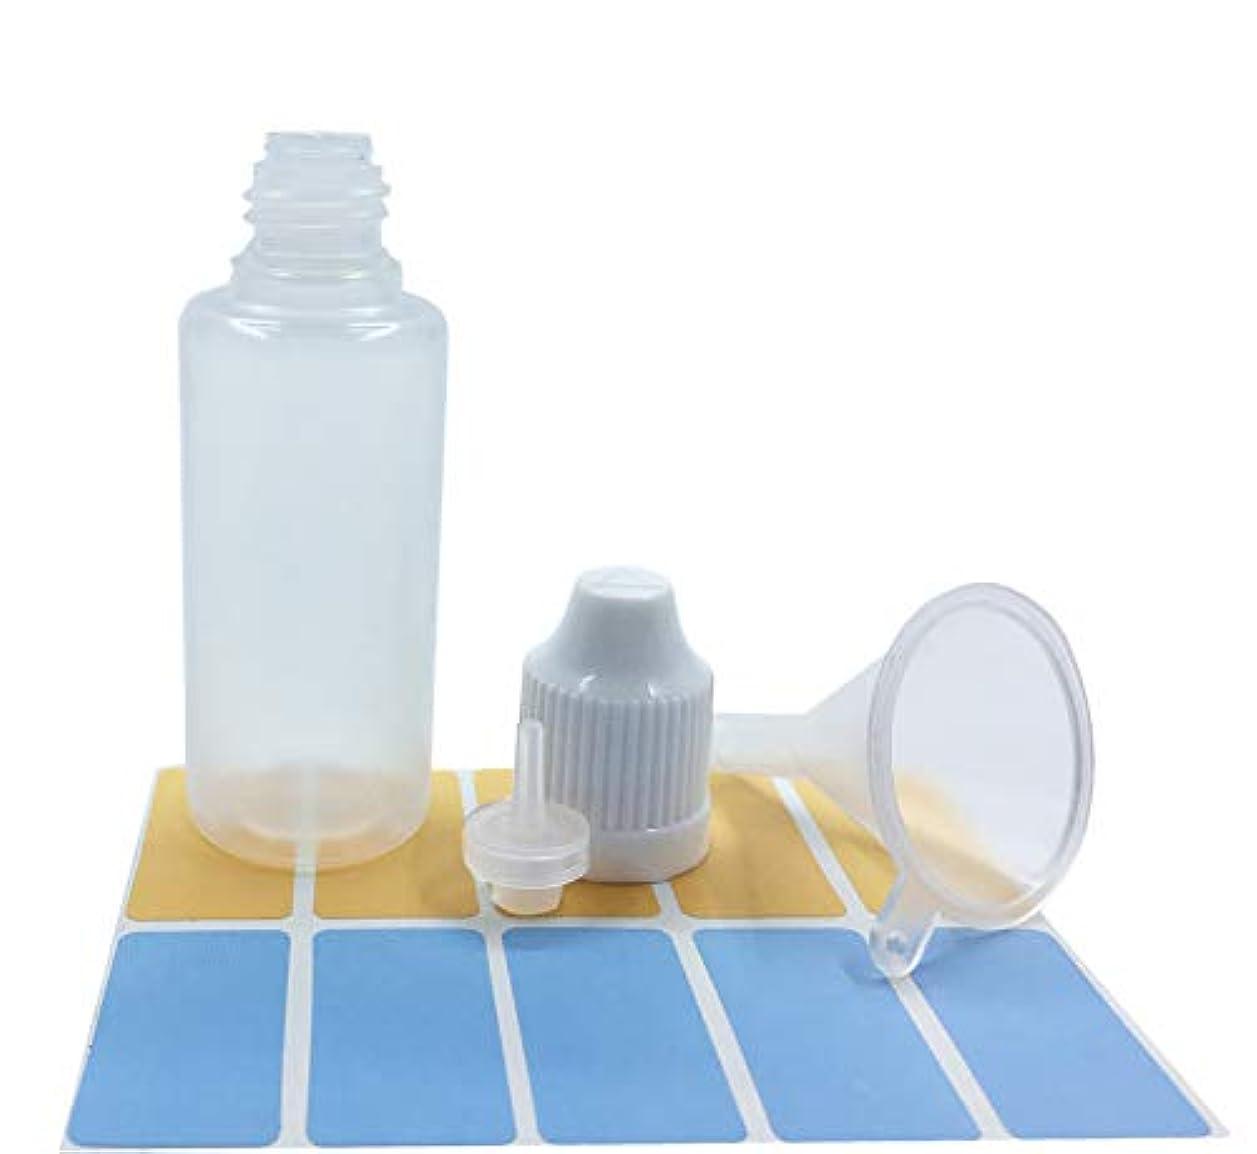 インゲン教育資本主義10個 20mlドロッパーボトル スポイトタイプ容器 プラスチック製 点眼 液体 貯蔵用 滴瓶 (20ml, 白色)